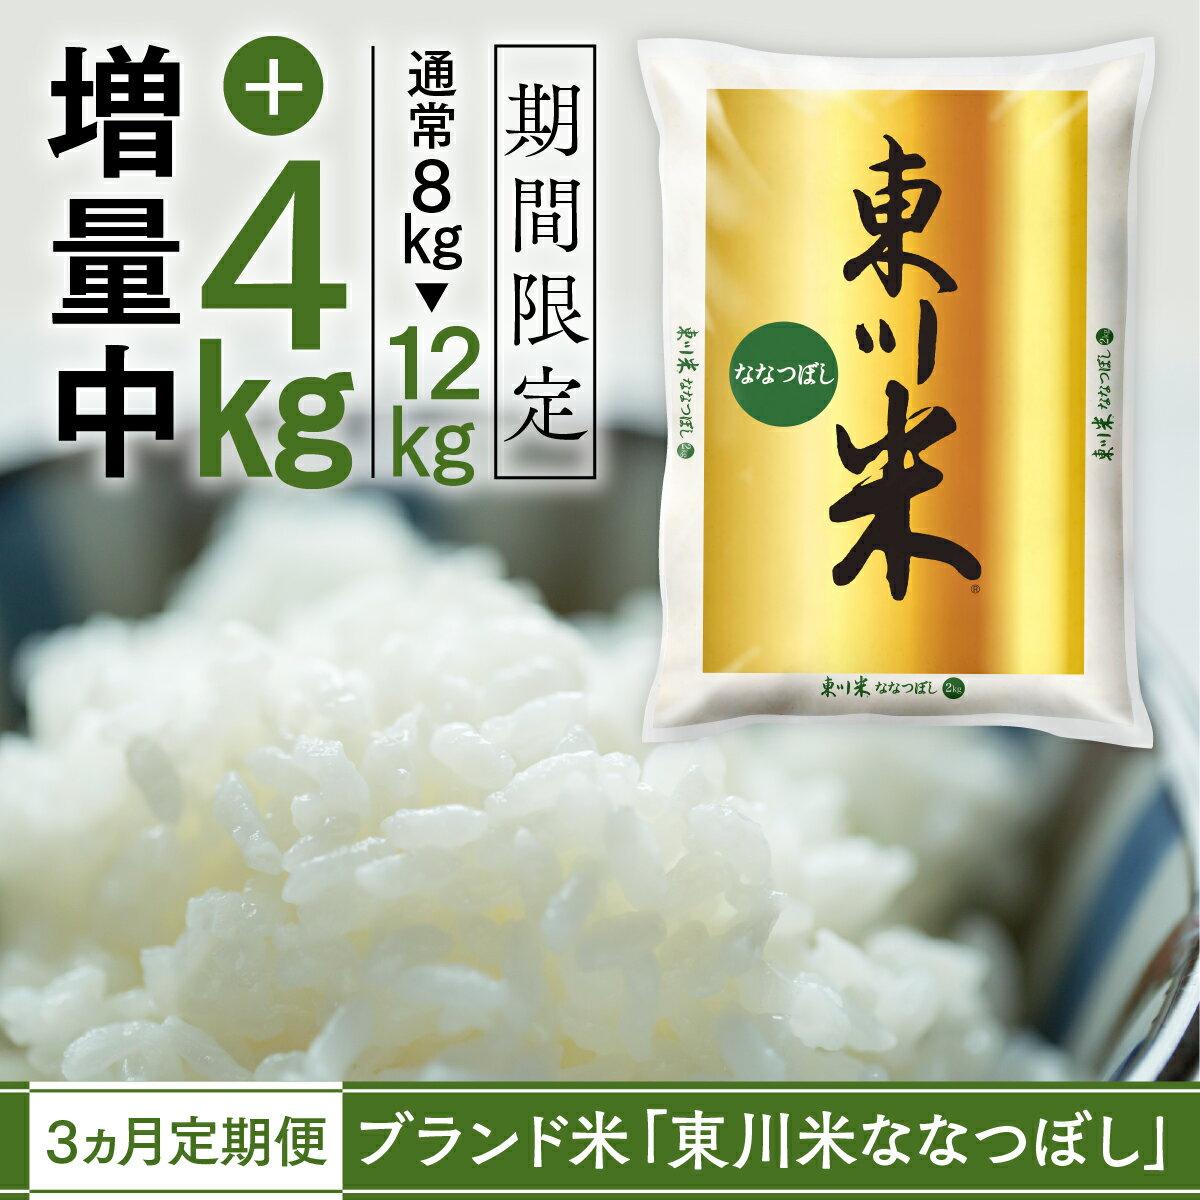 数量限定特別支援【特A】ブランド米『白米』東川米「ななつぼし」12kg×3ヵ月